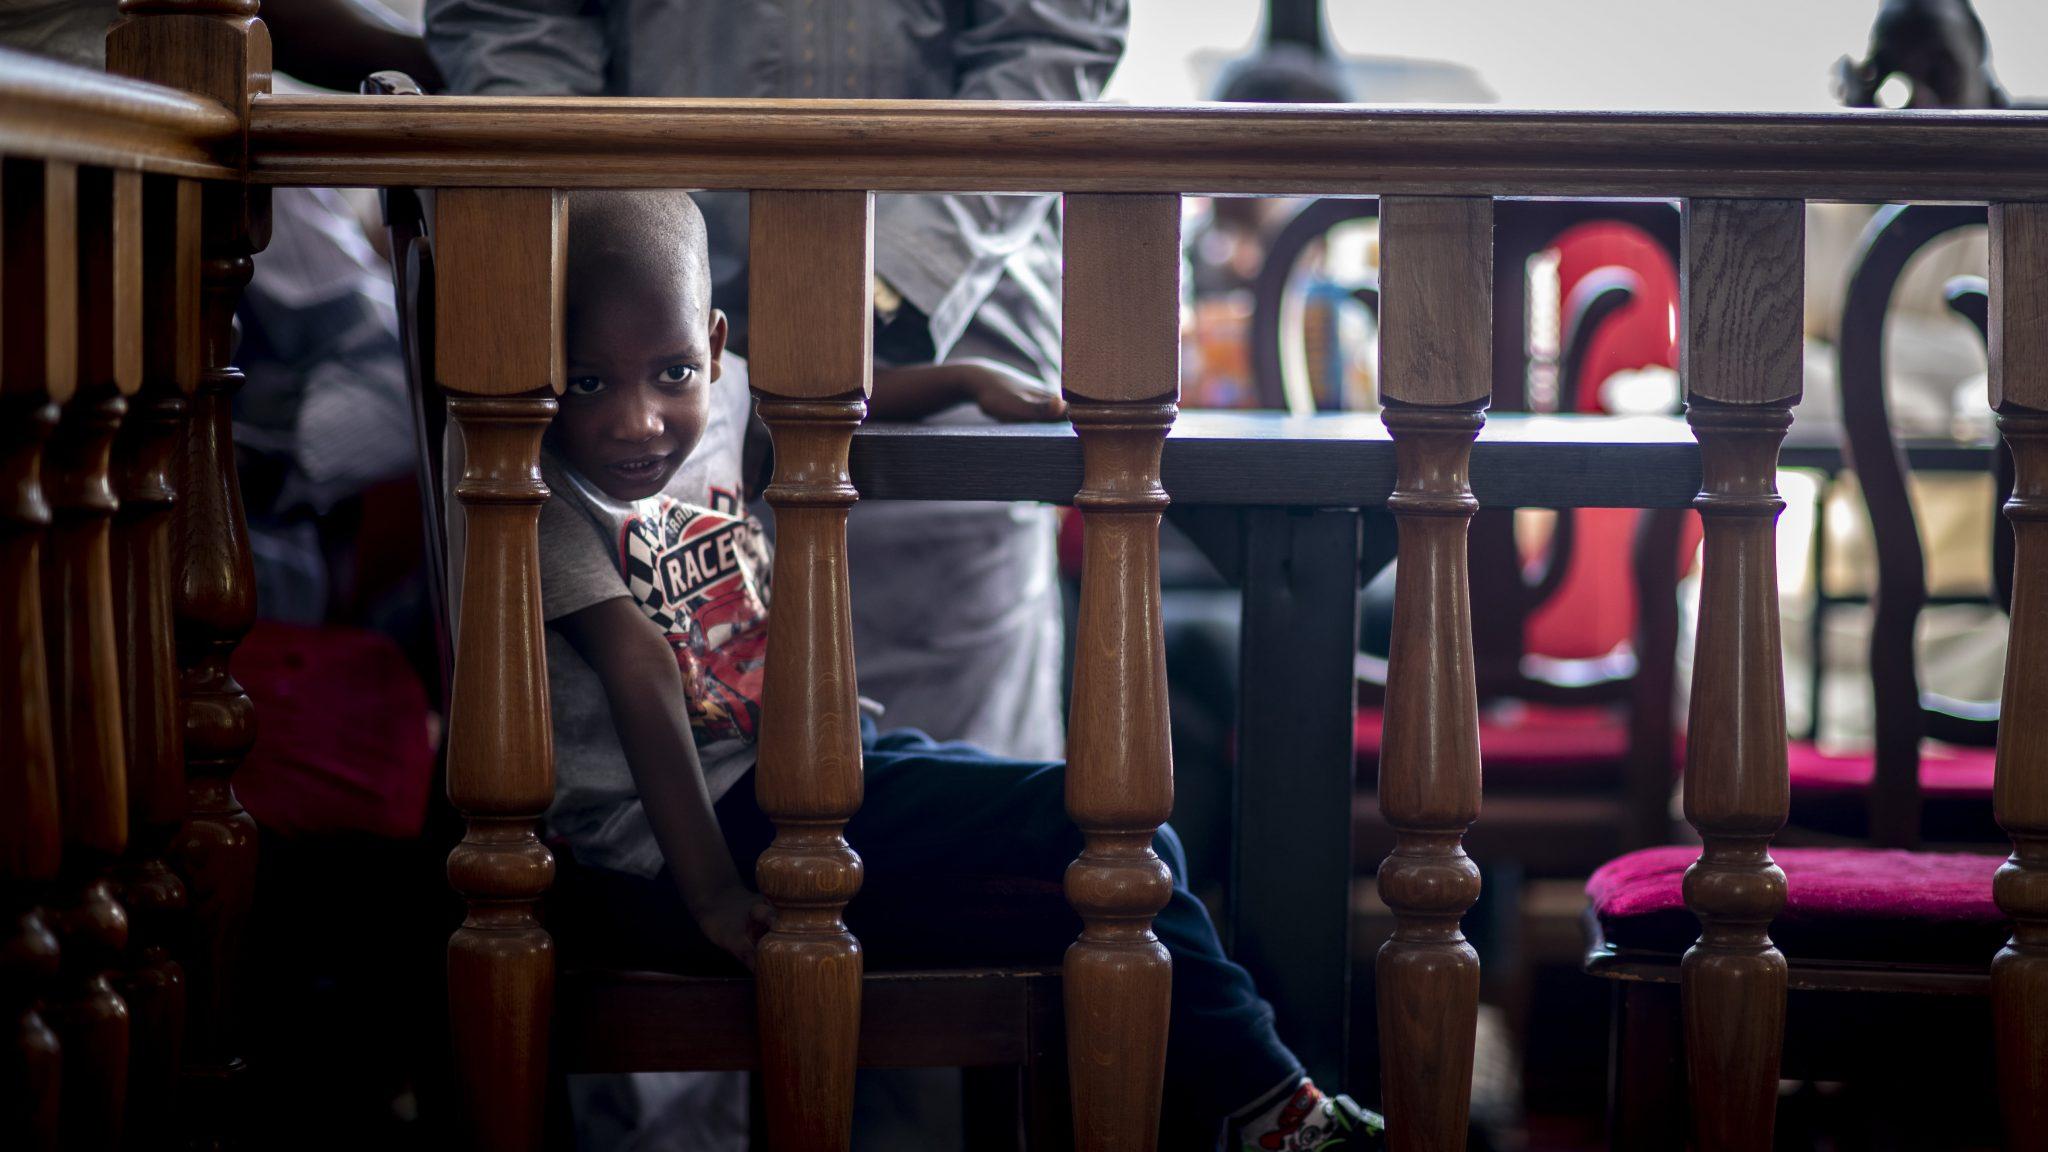 un bambino guarda tra la staccionata del ristorante mentre è seduto al tavolo